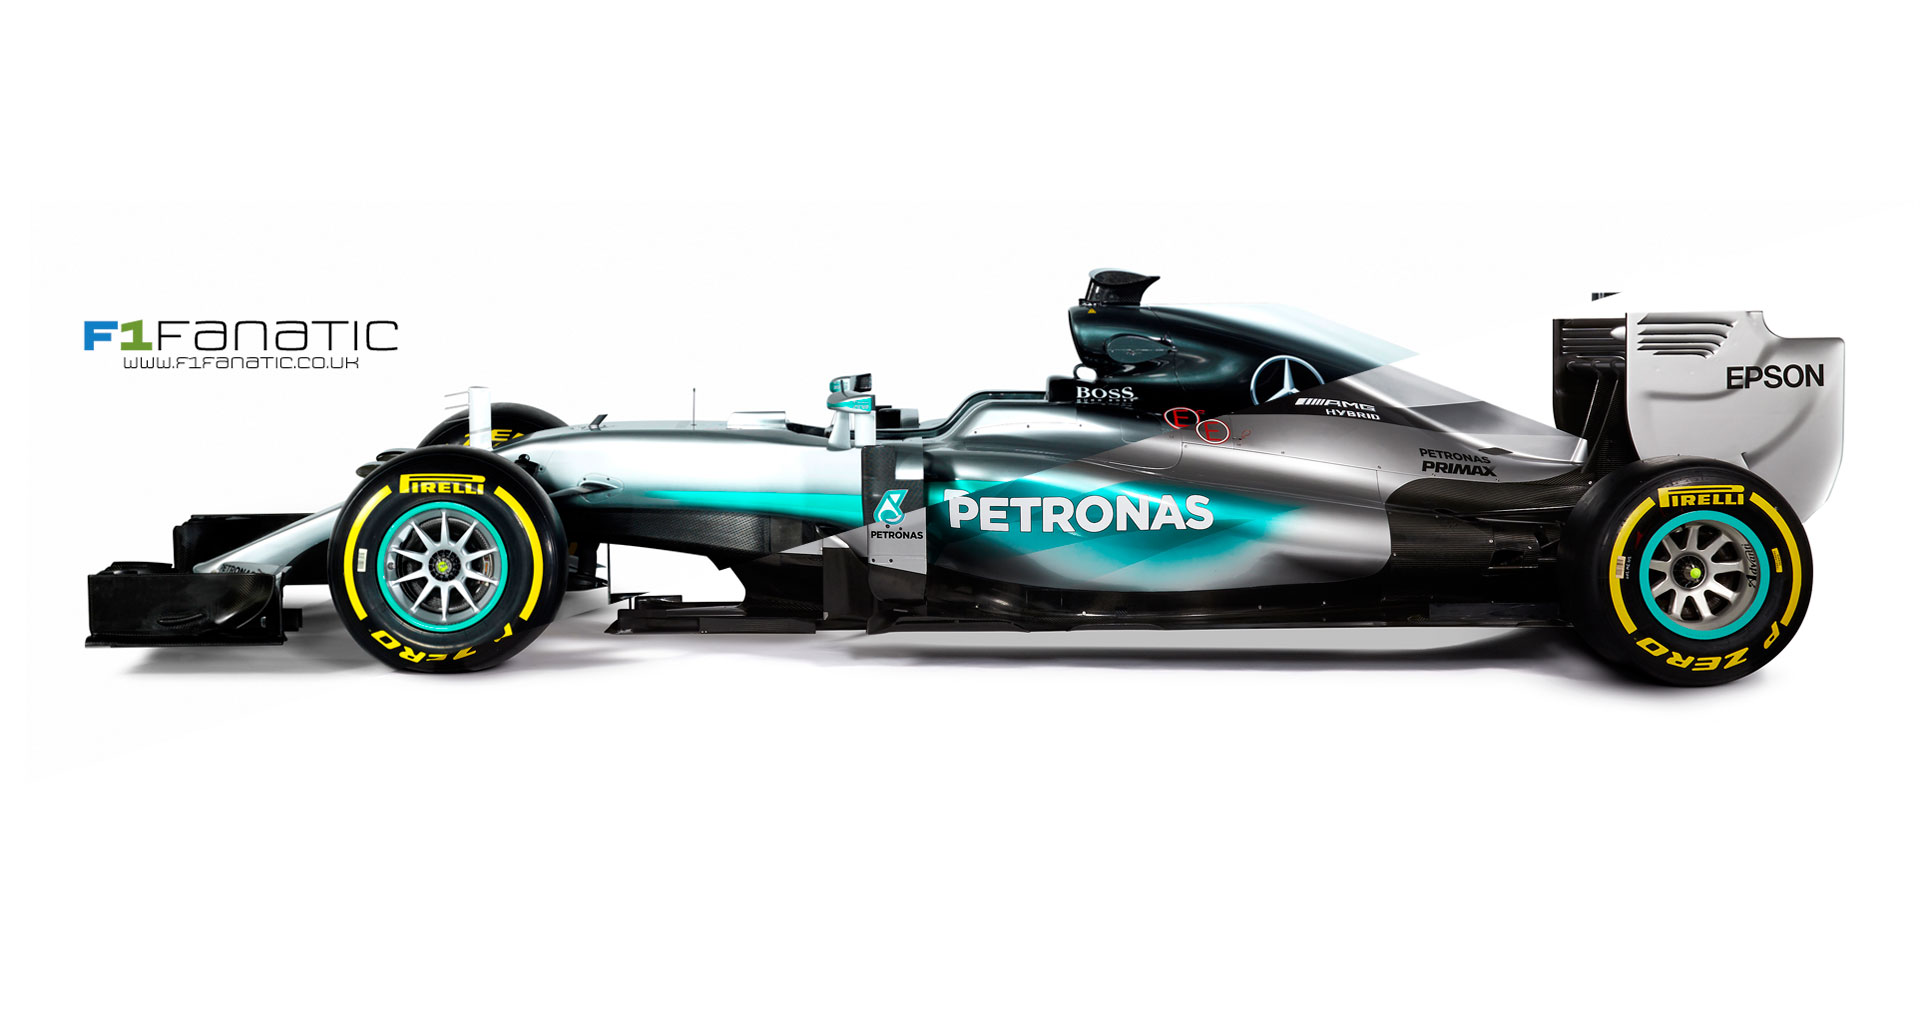 Mercedes W07 and W06 comparison